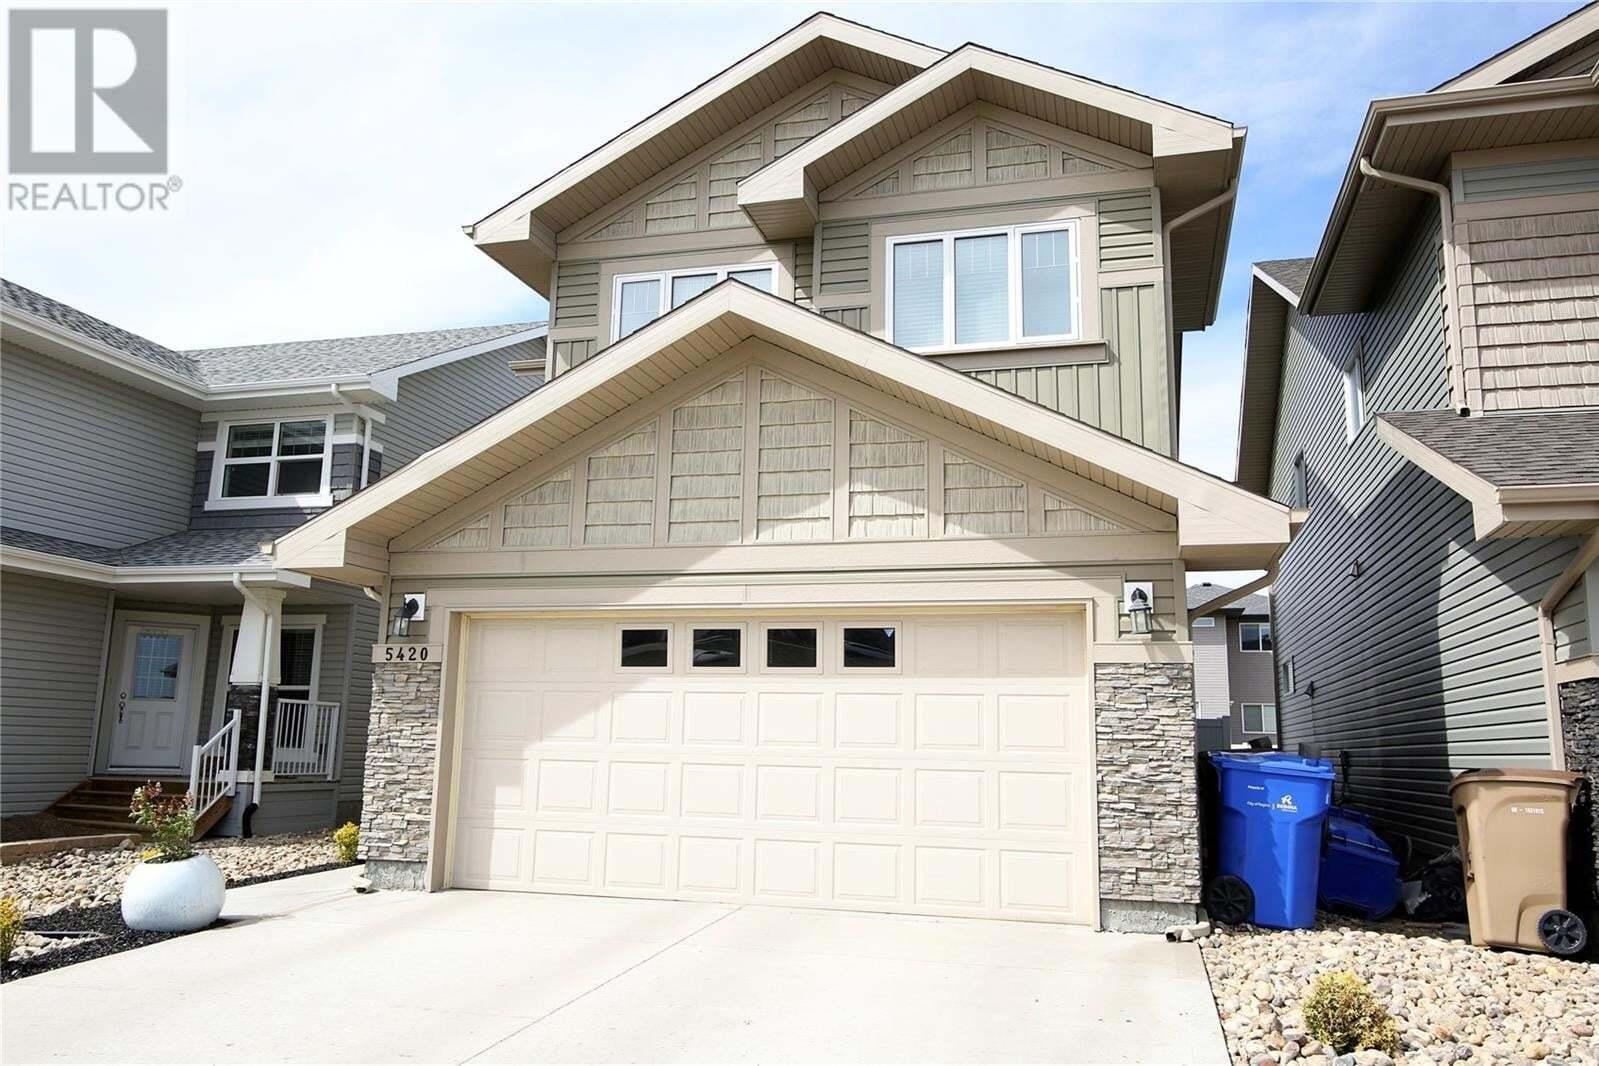 House for sale at 5420 Green Apple Dr Regina Saskatchewan - MLS: SK808979